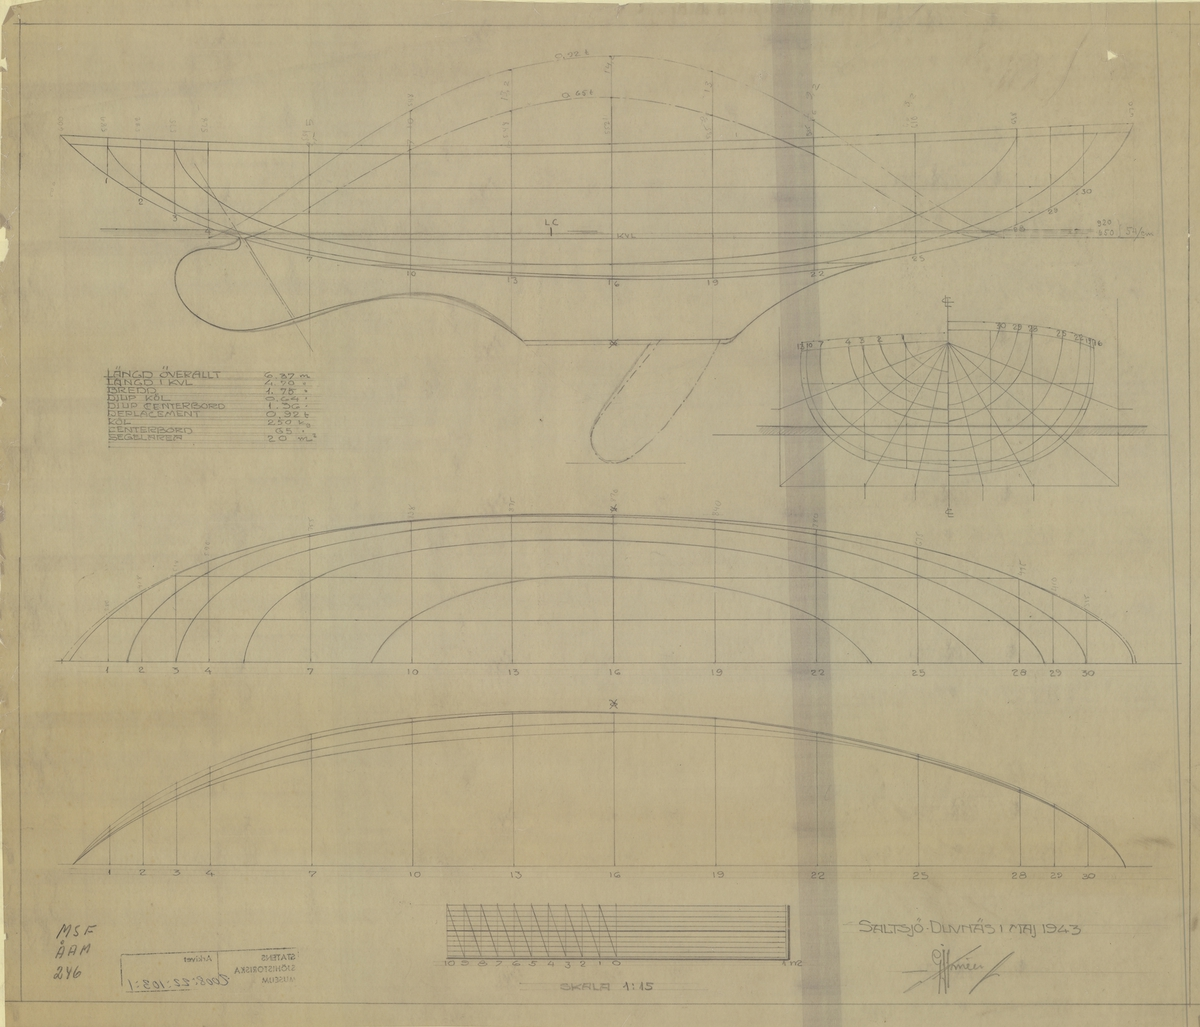 Linjer i plan och profil med spantruta